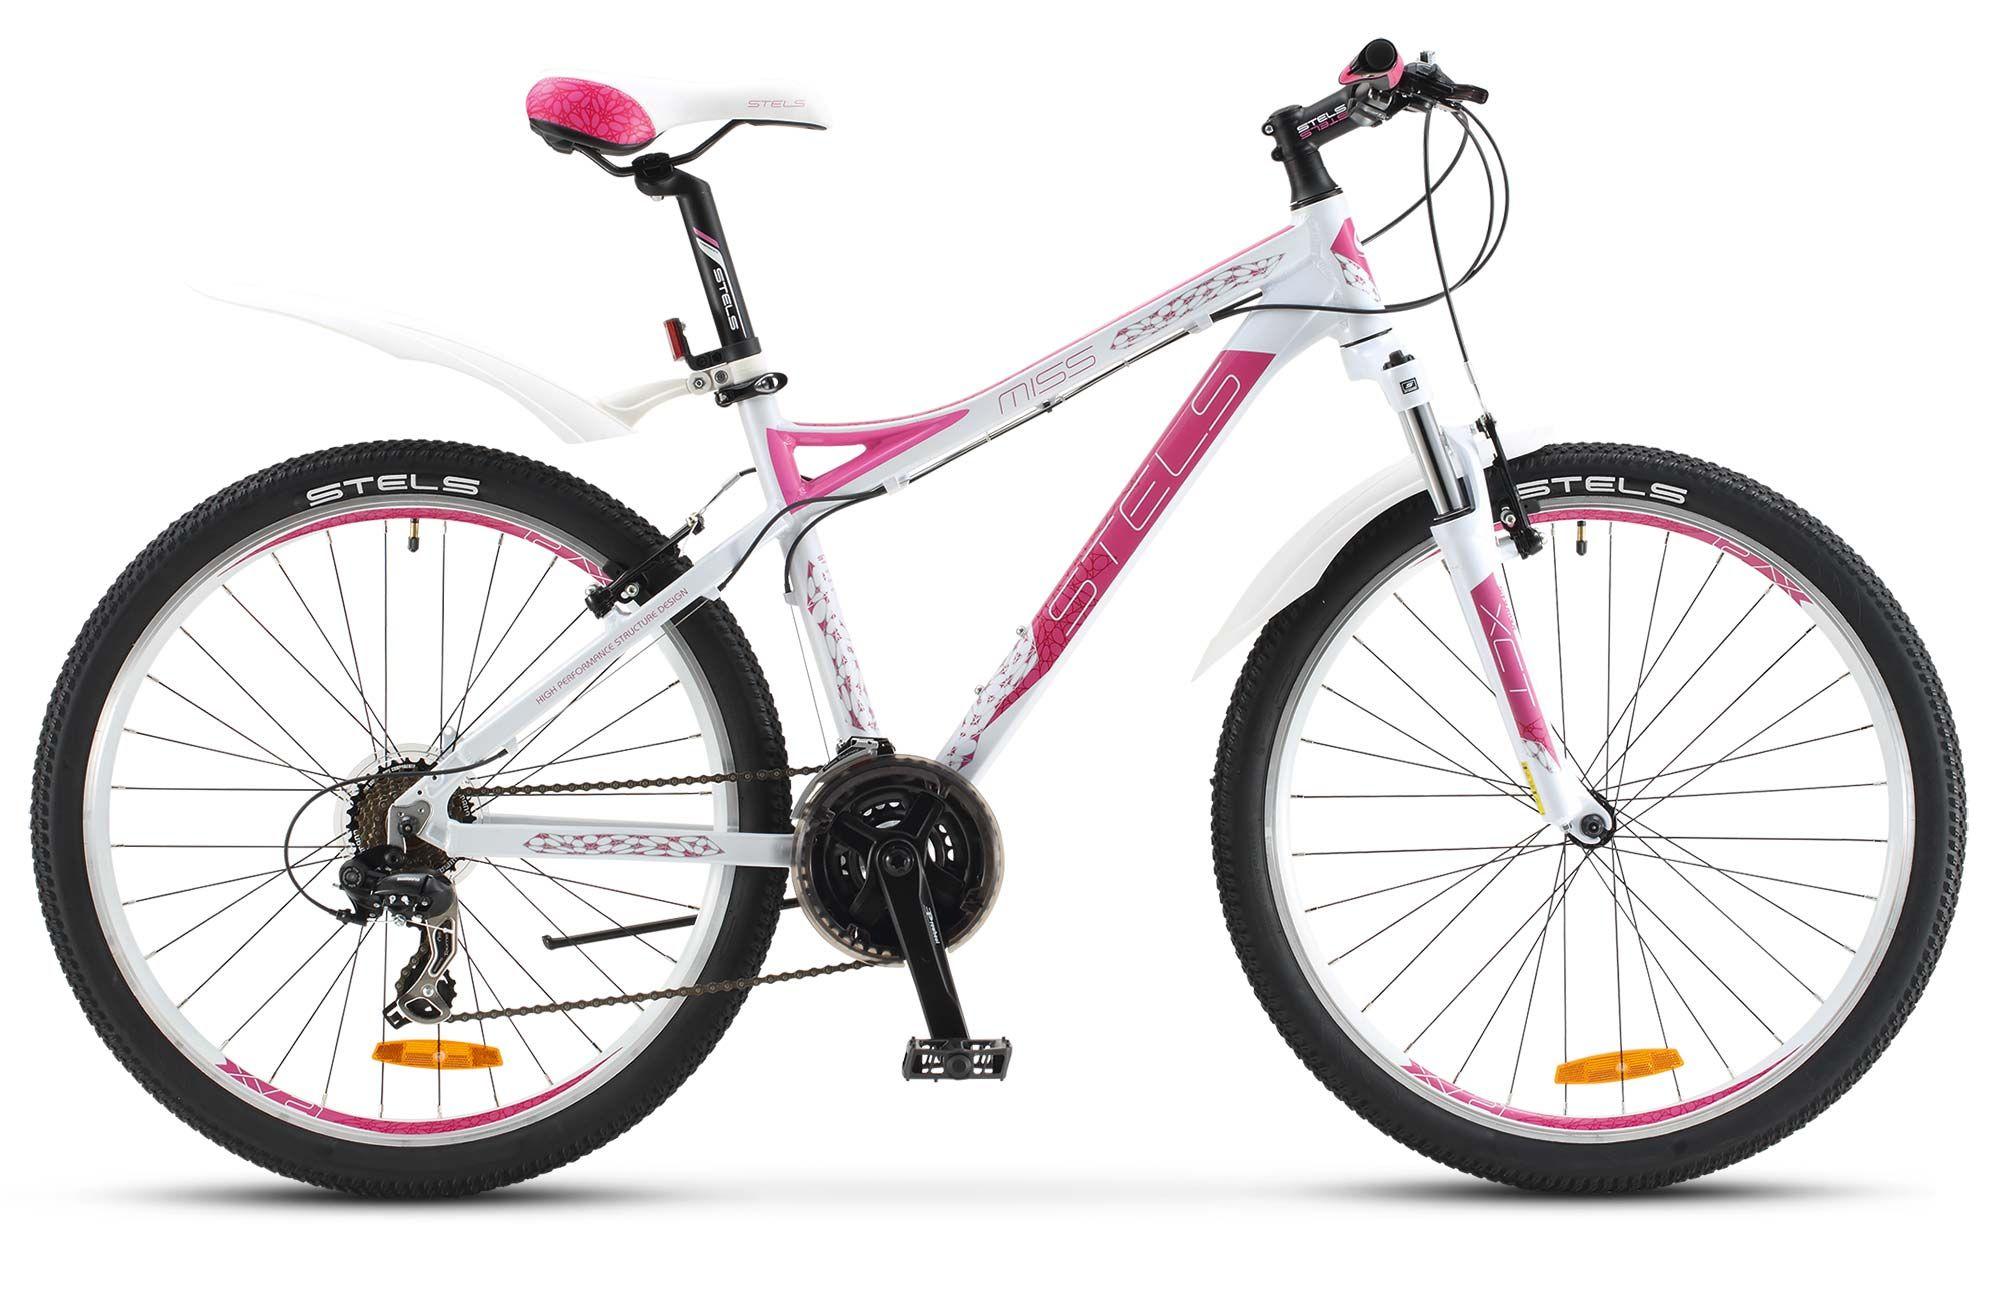 Велосипед Stels Miss 8100 V 2016 женский велосипед навигатор купить в пензе